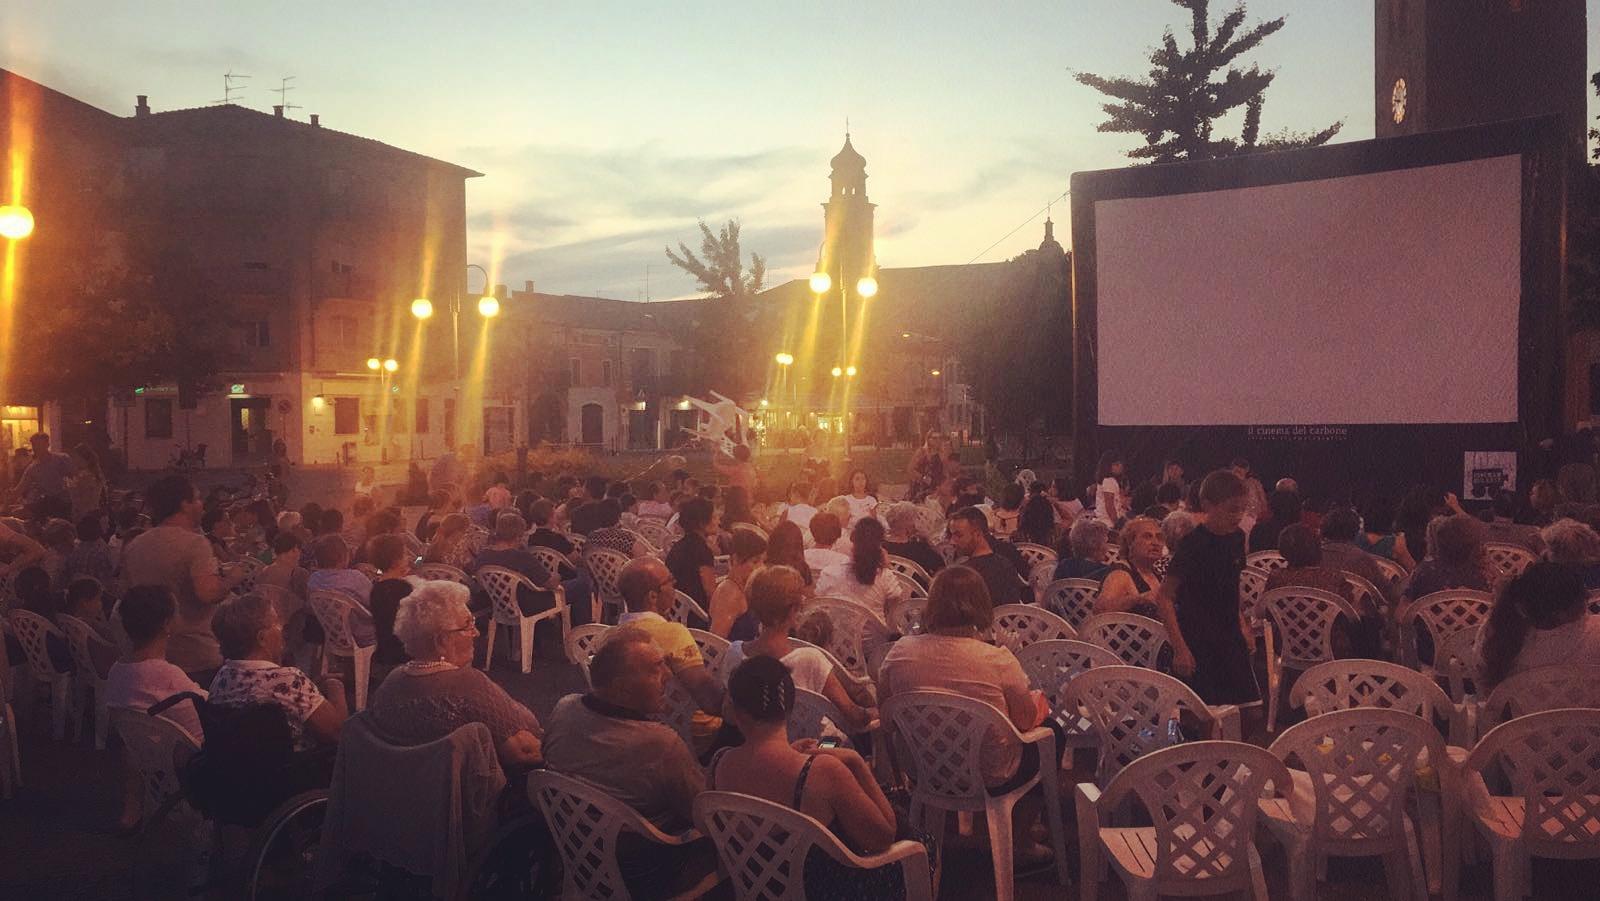 Il Cinema del Carbone di Mantova, dove si proiettano film e ci si proietta in laboratori, incontri, rassegne cinematografiche, concerti e visioni